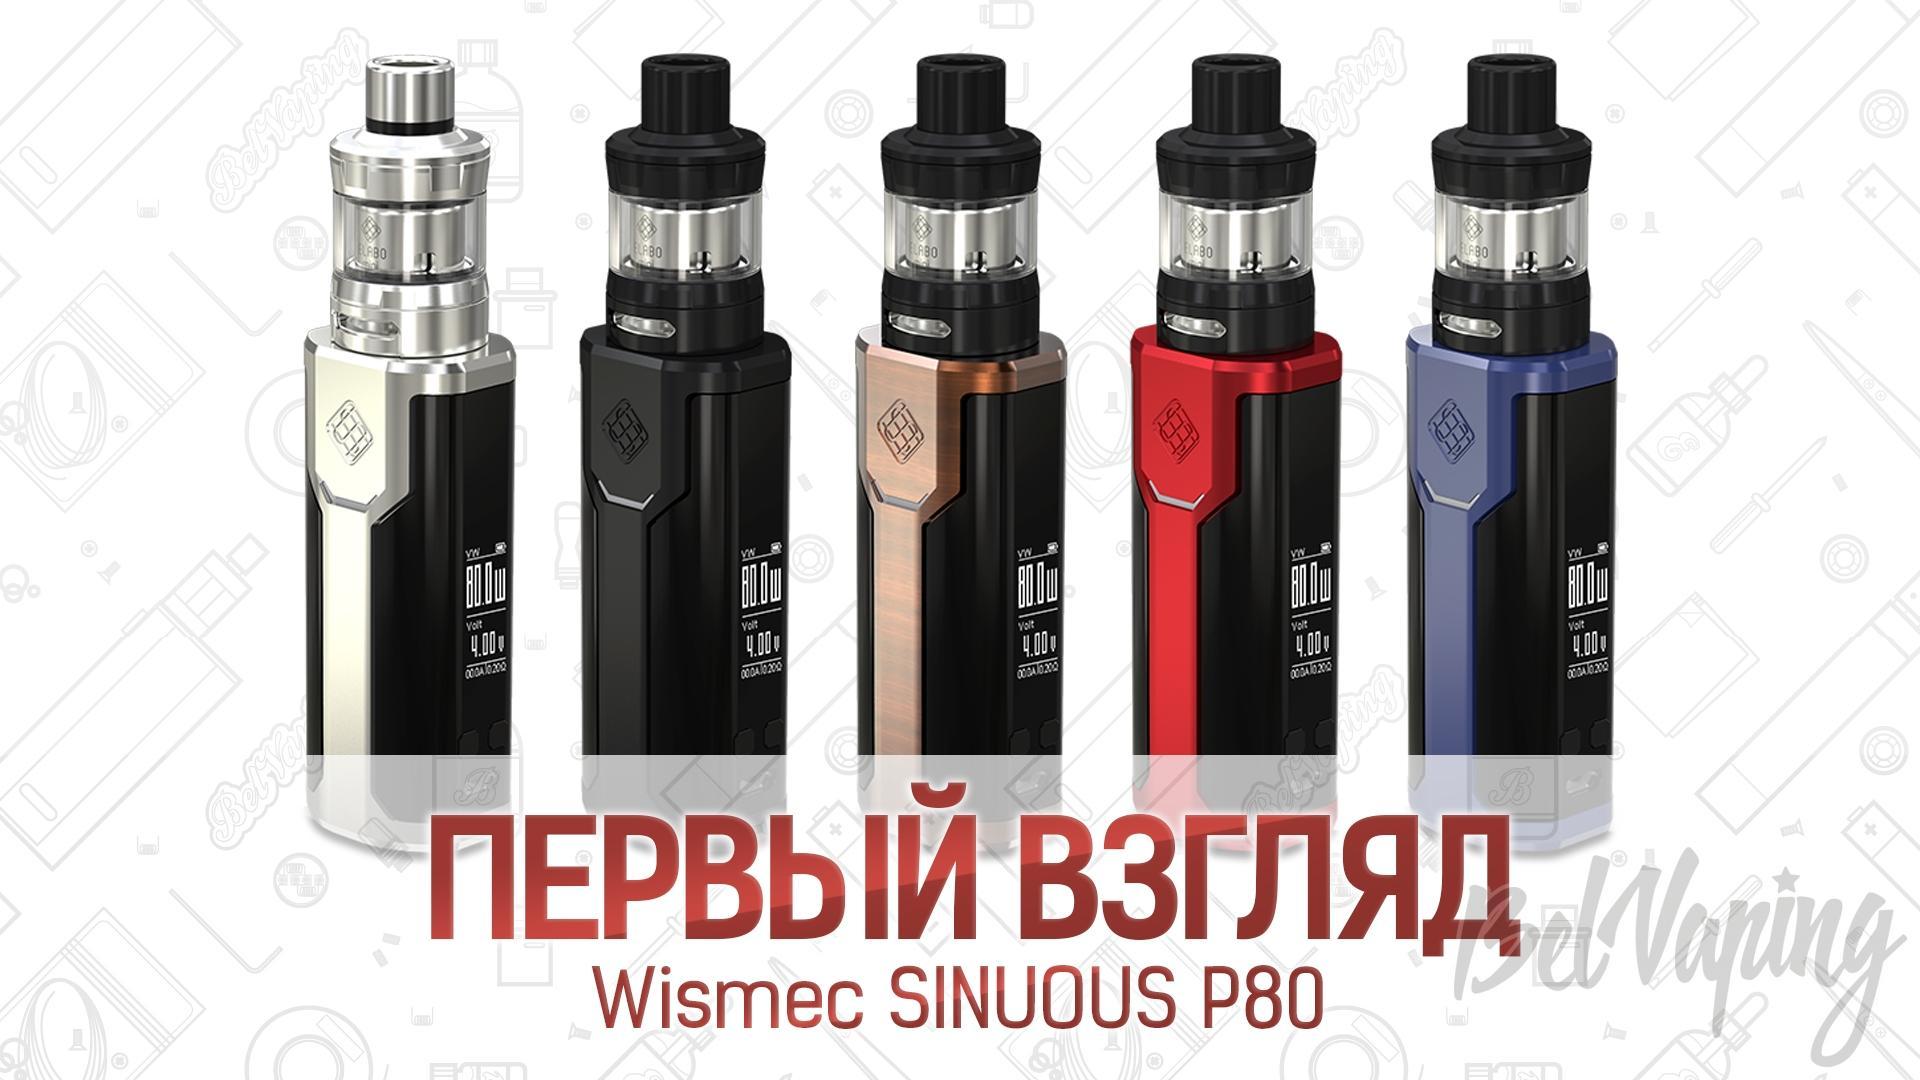 Wismec SINUOUS P80. Первый взгляд